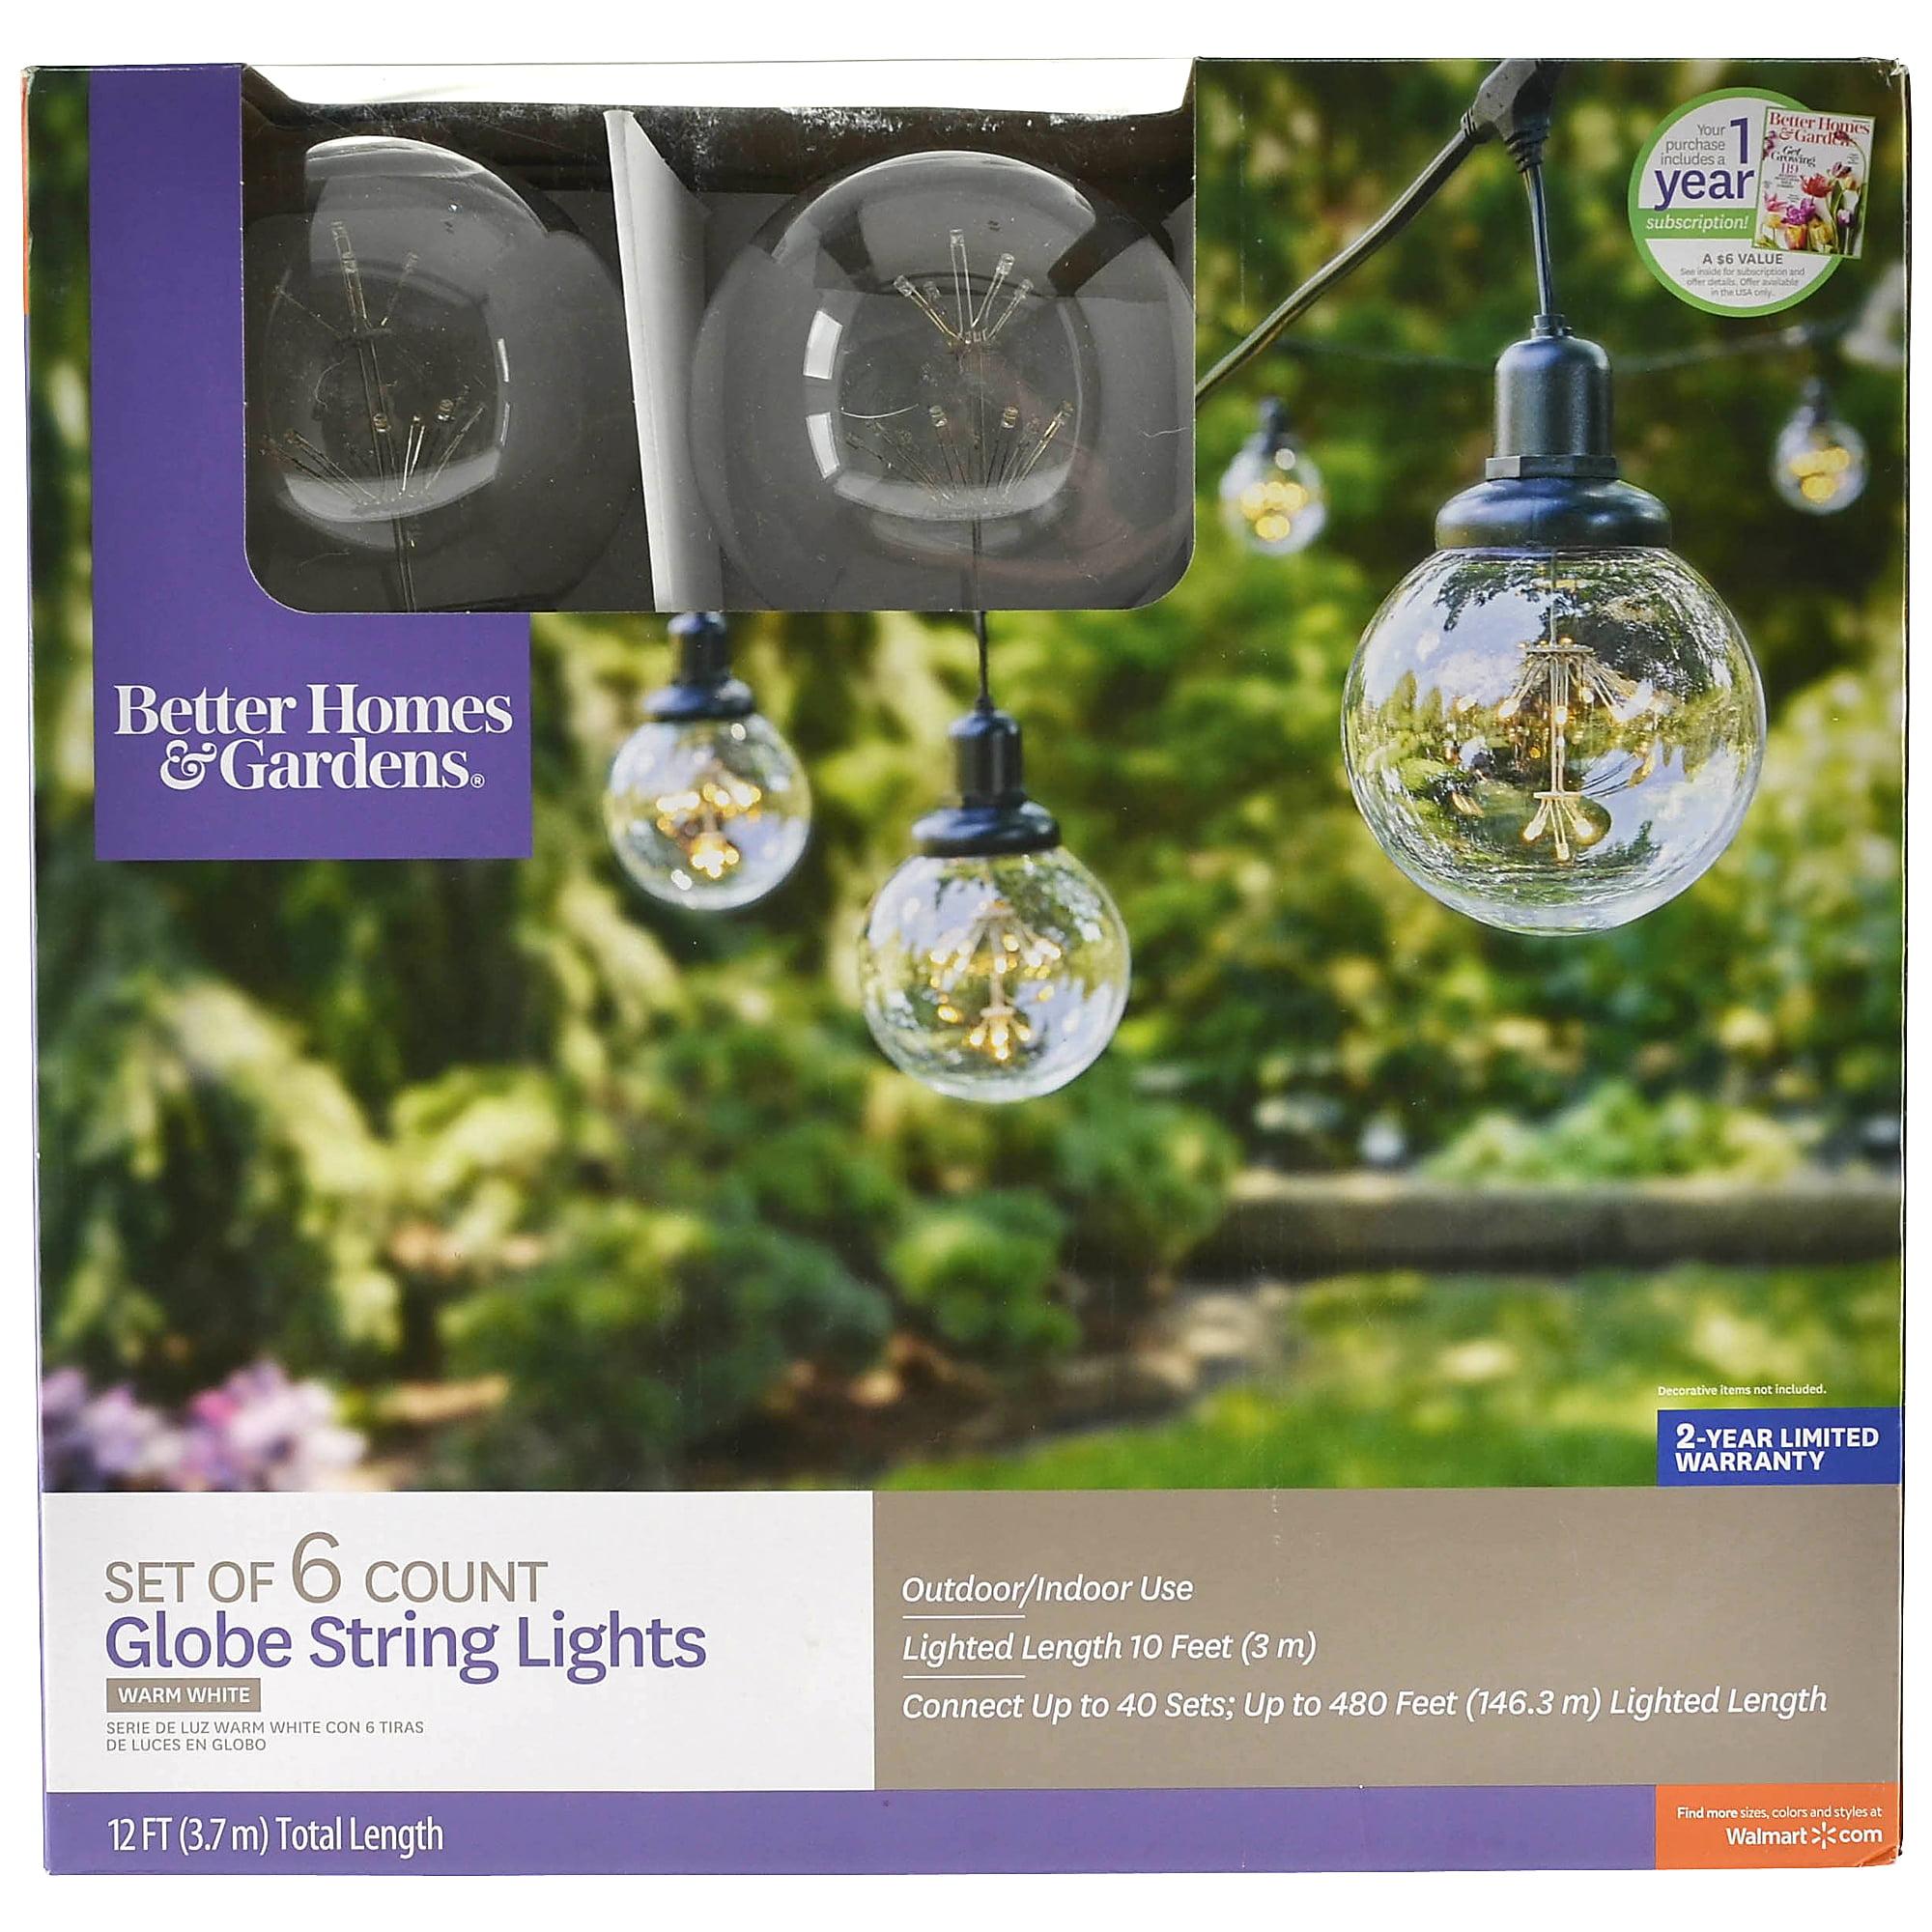 Better Homes & Gardens Bhg 6 Count Led Xl Globe String Lights